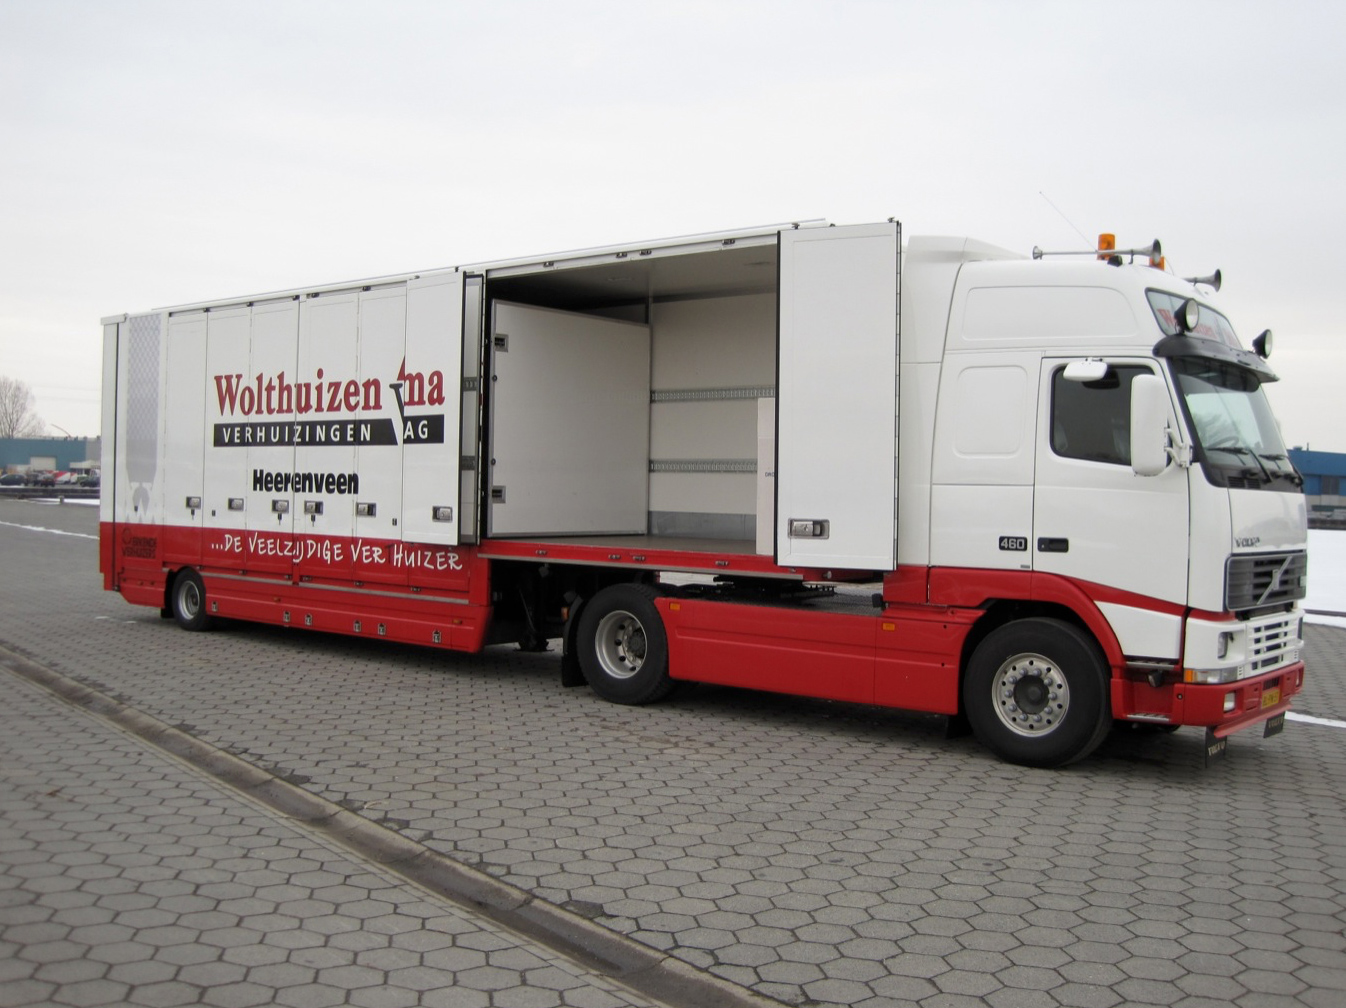 Wolthuizen verhuizingen gesloten carrosserie- 500kb.jpg